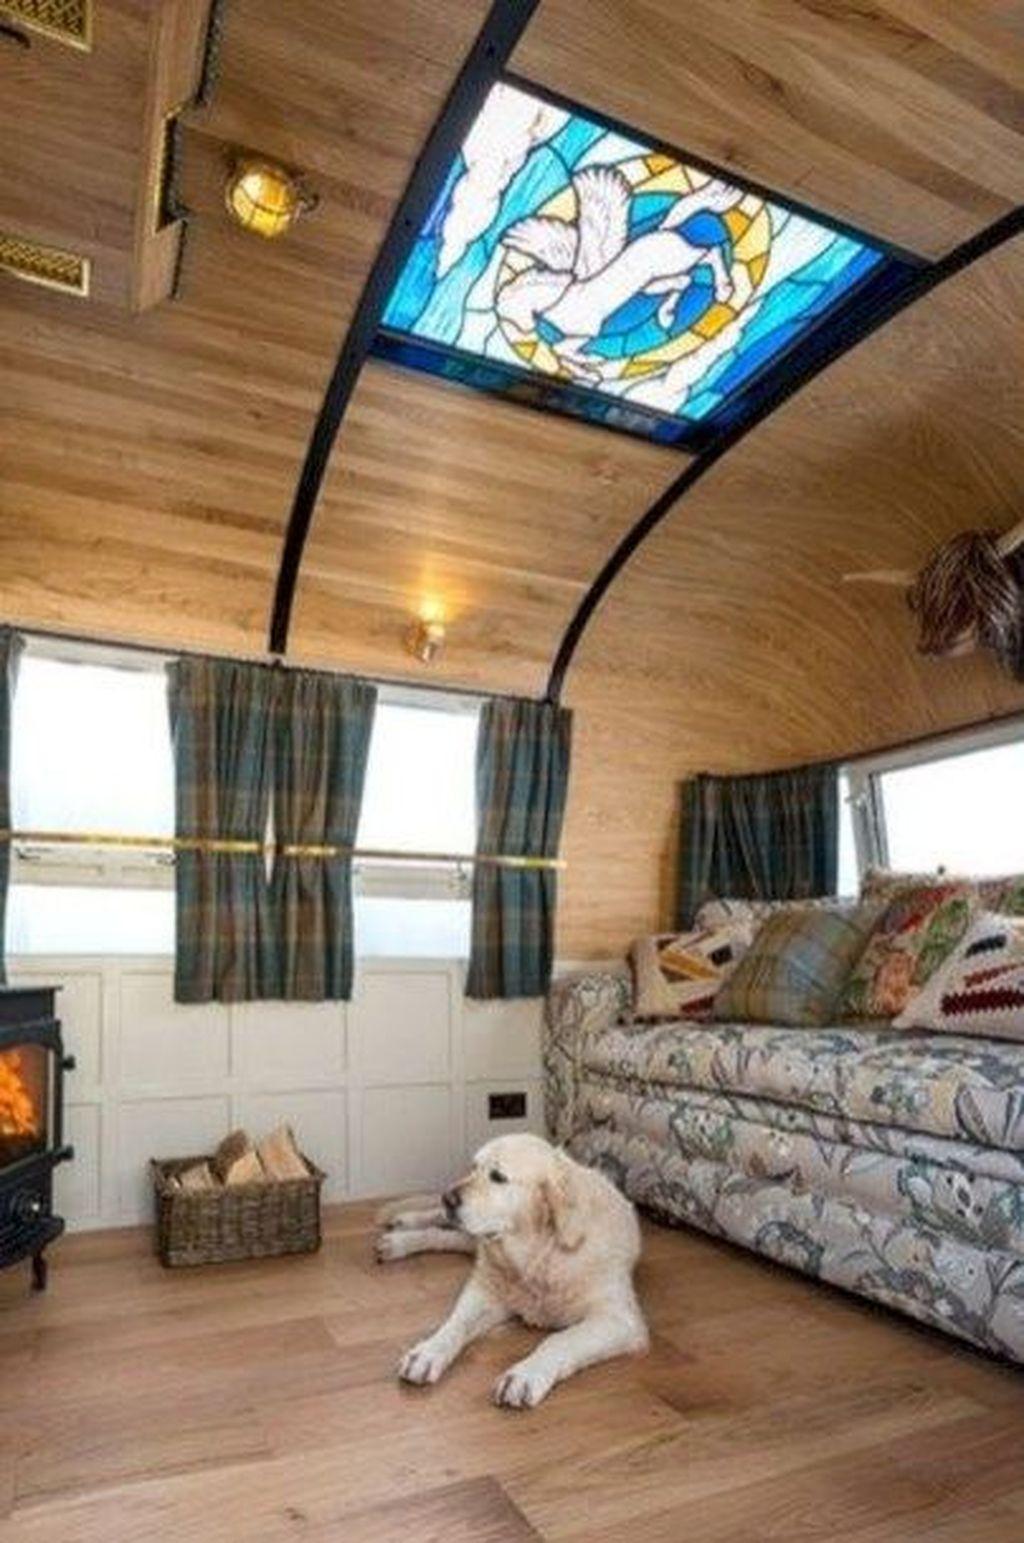 Fancy Rv Interior Design Ideas For Prepare Winter Holiday 31